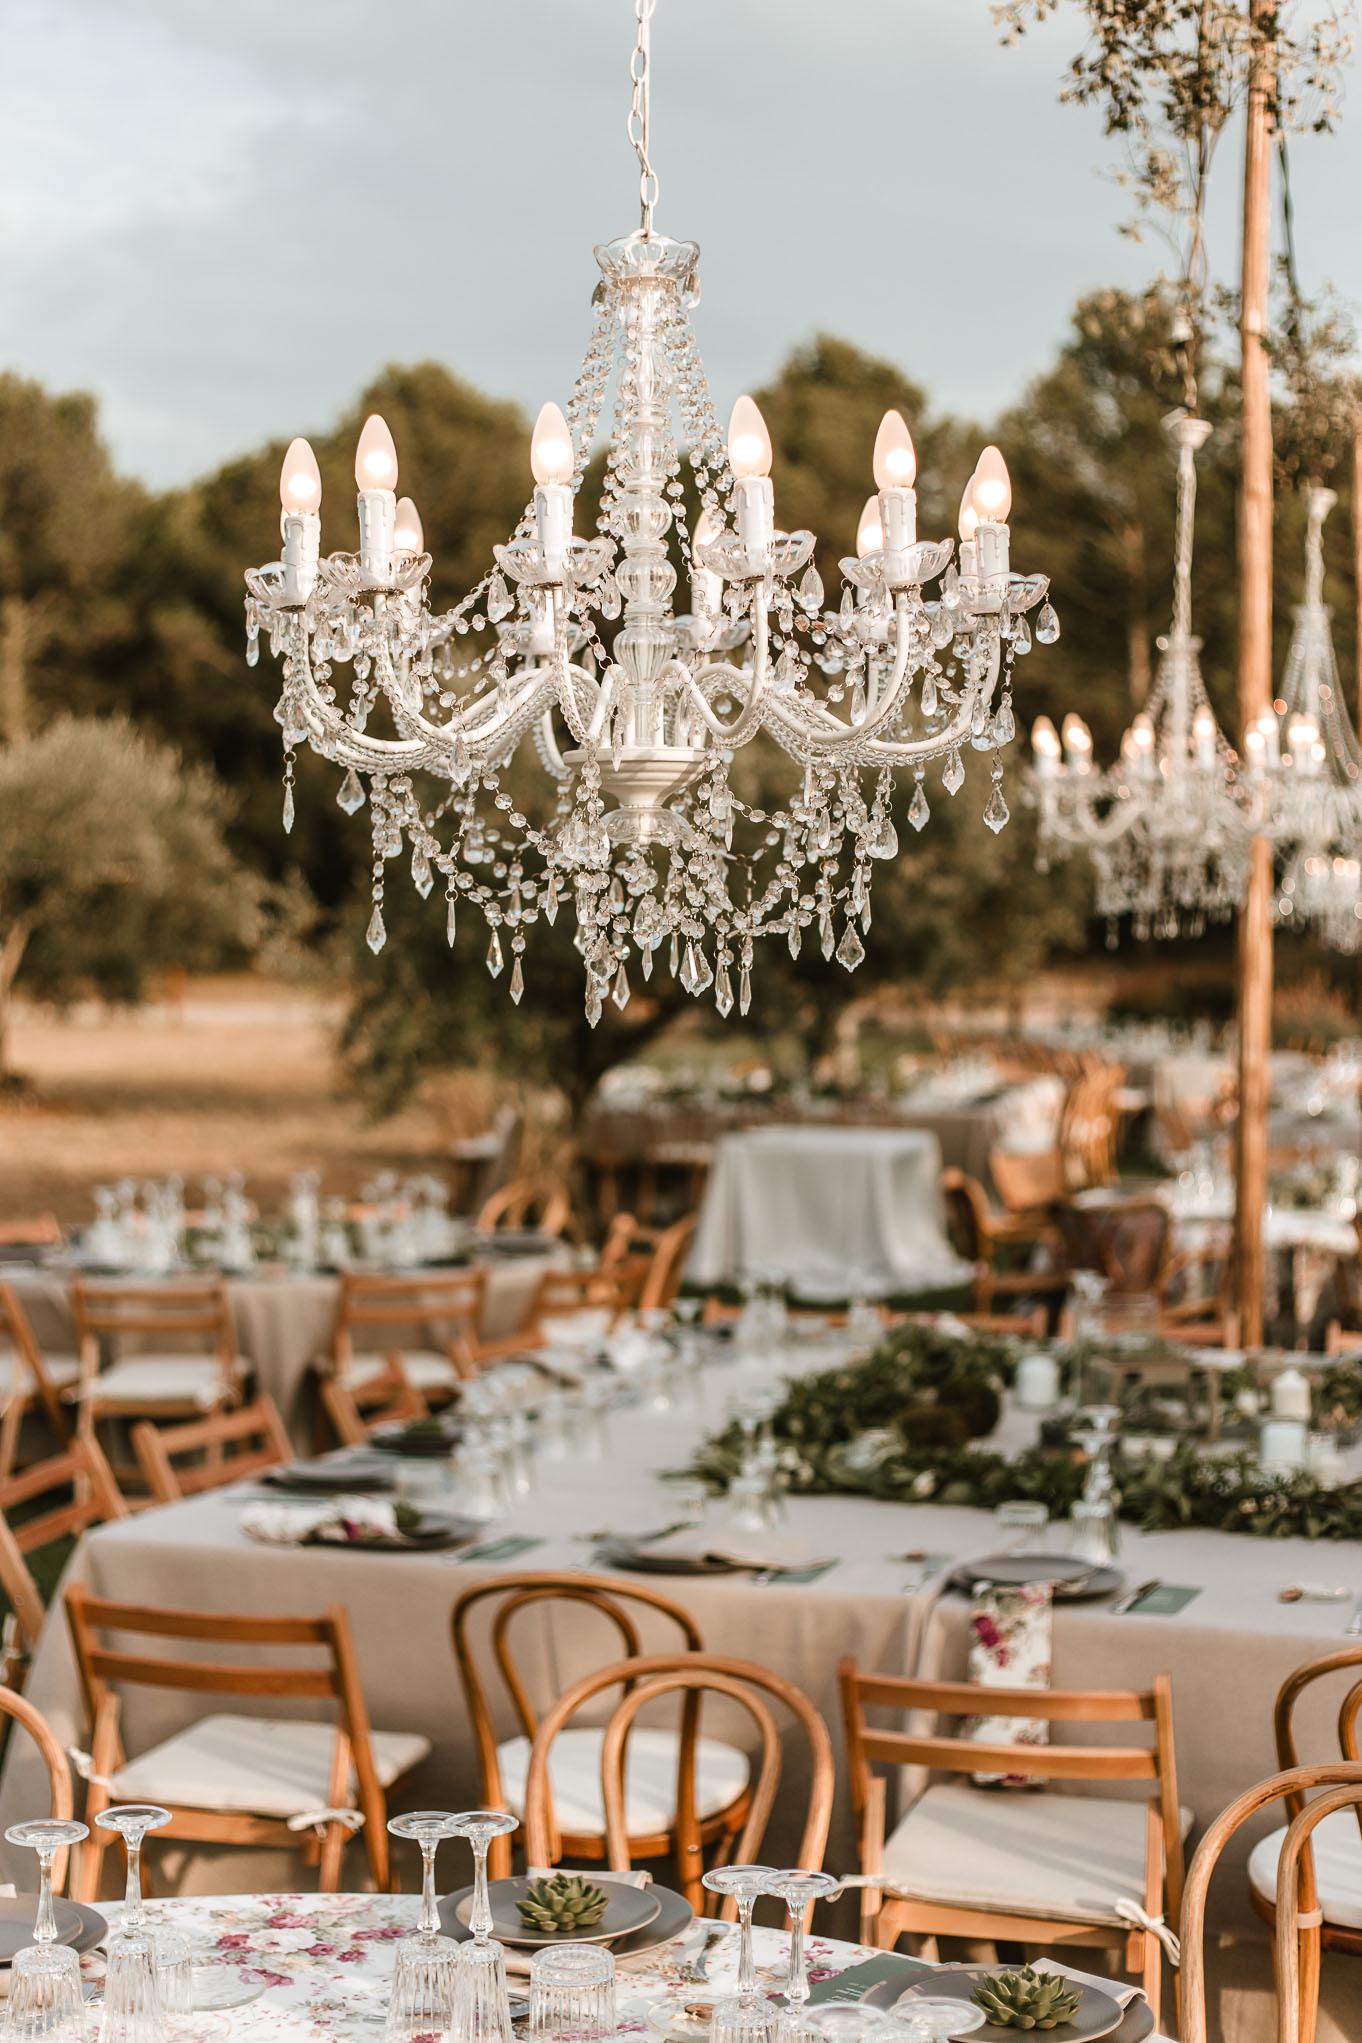 Boda al aire libre-Decoración para bodas-inspiración para bodas